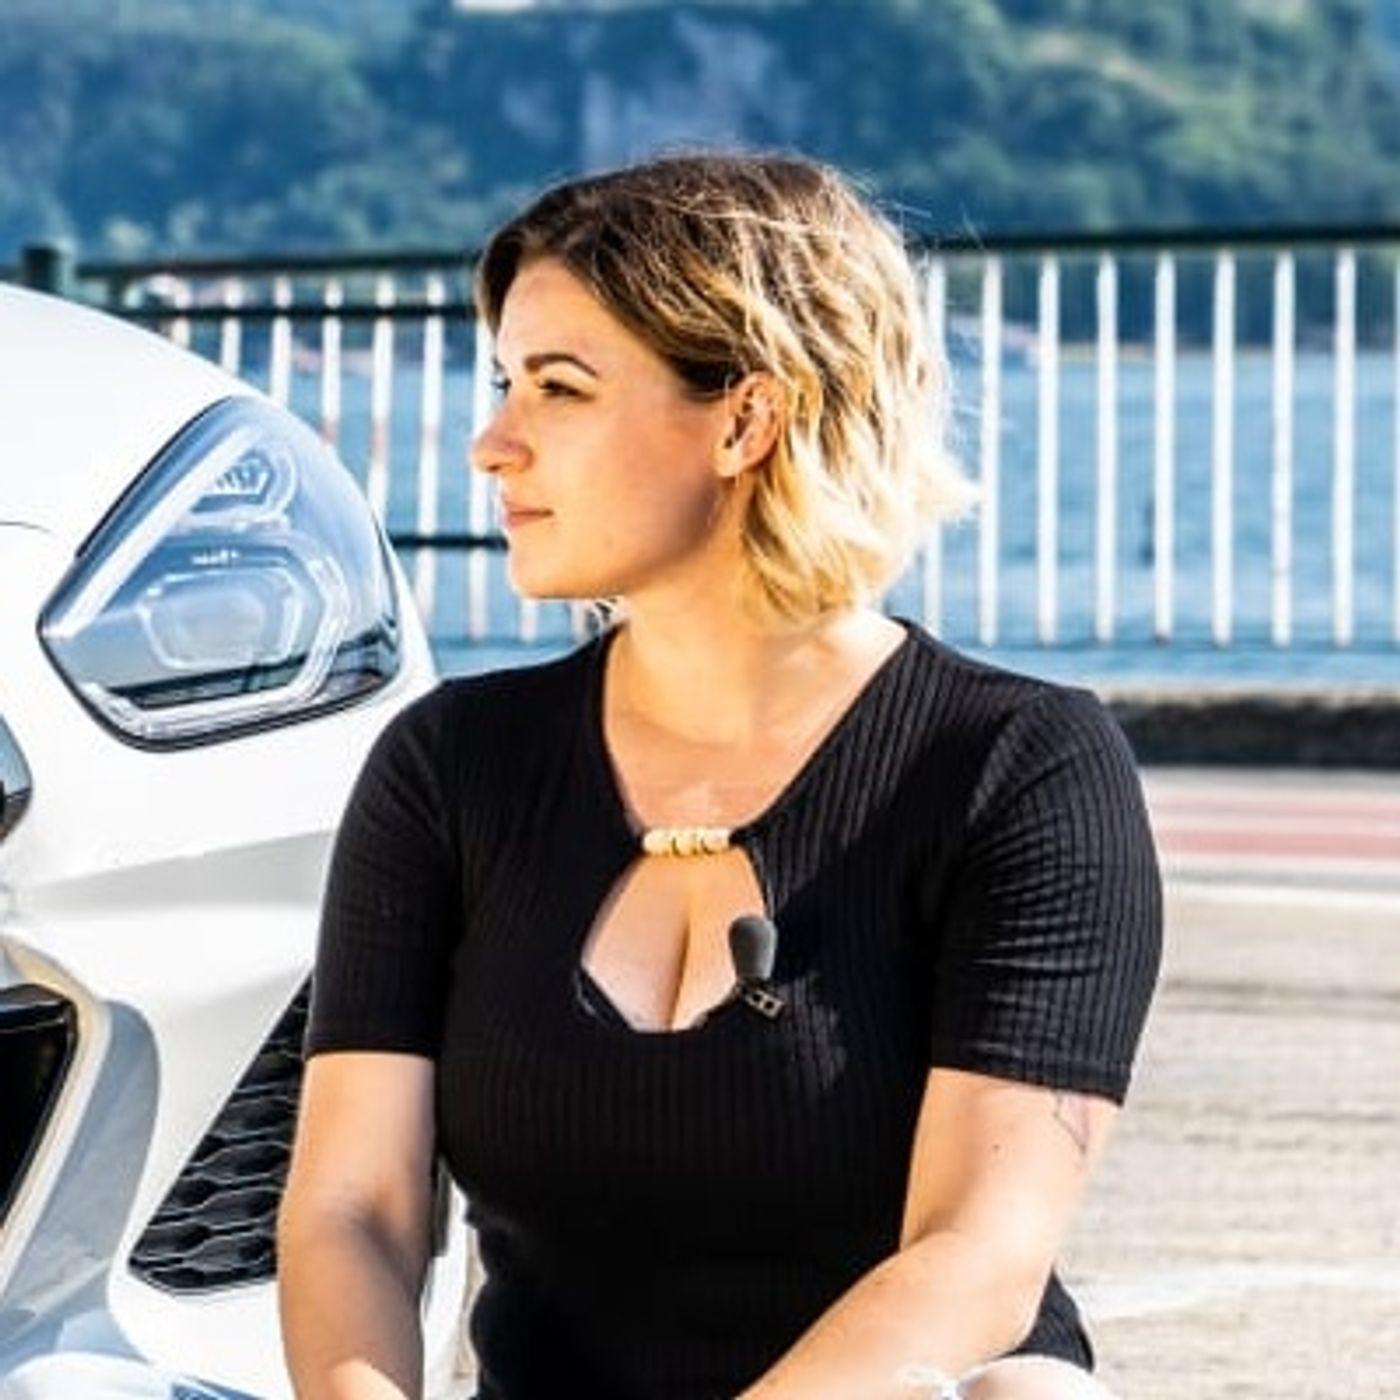 Intervista Fjona Cakalli: vi racconto la mia storia, tra alti e bassi, sacrifici e gioie